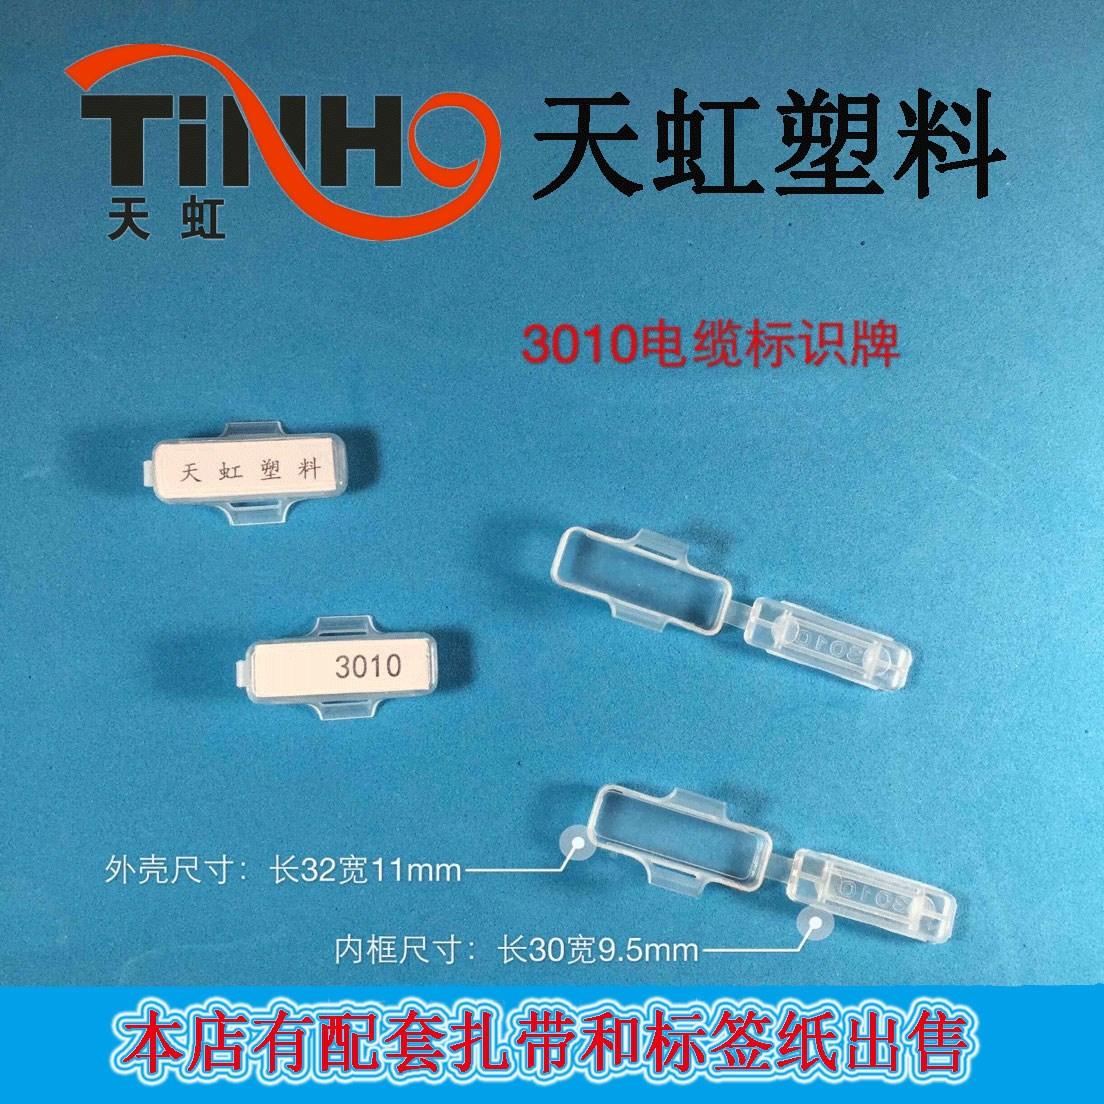 标牌3010标识透明电线电缆挂牌标志牌防水框扎带塑料标示带标签纸